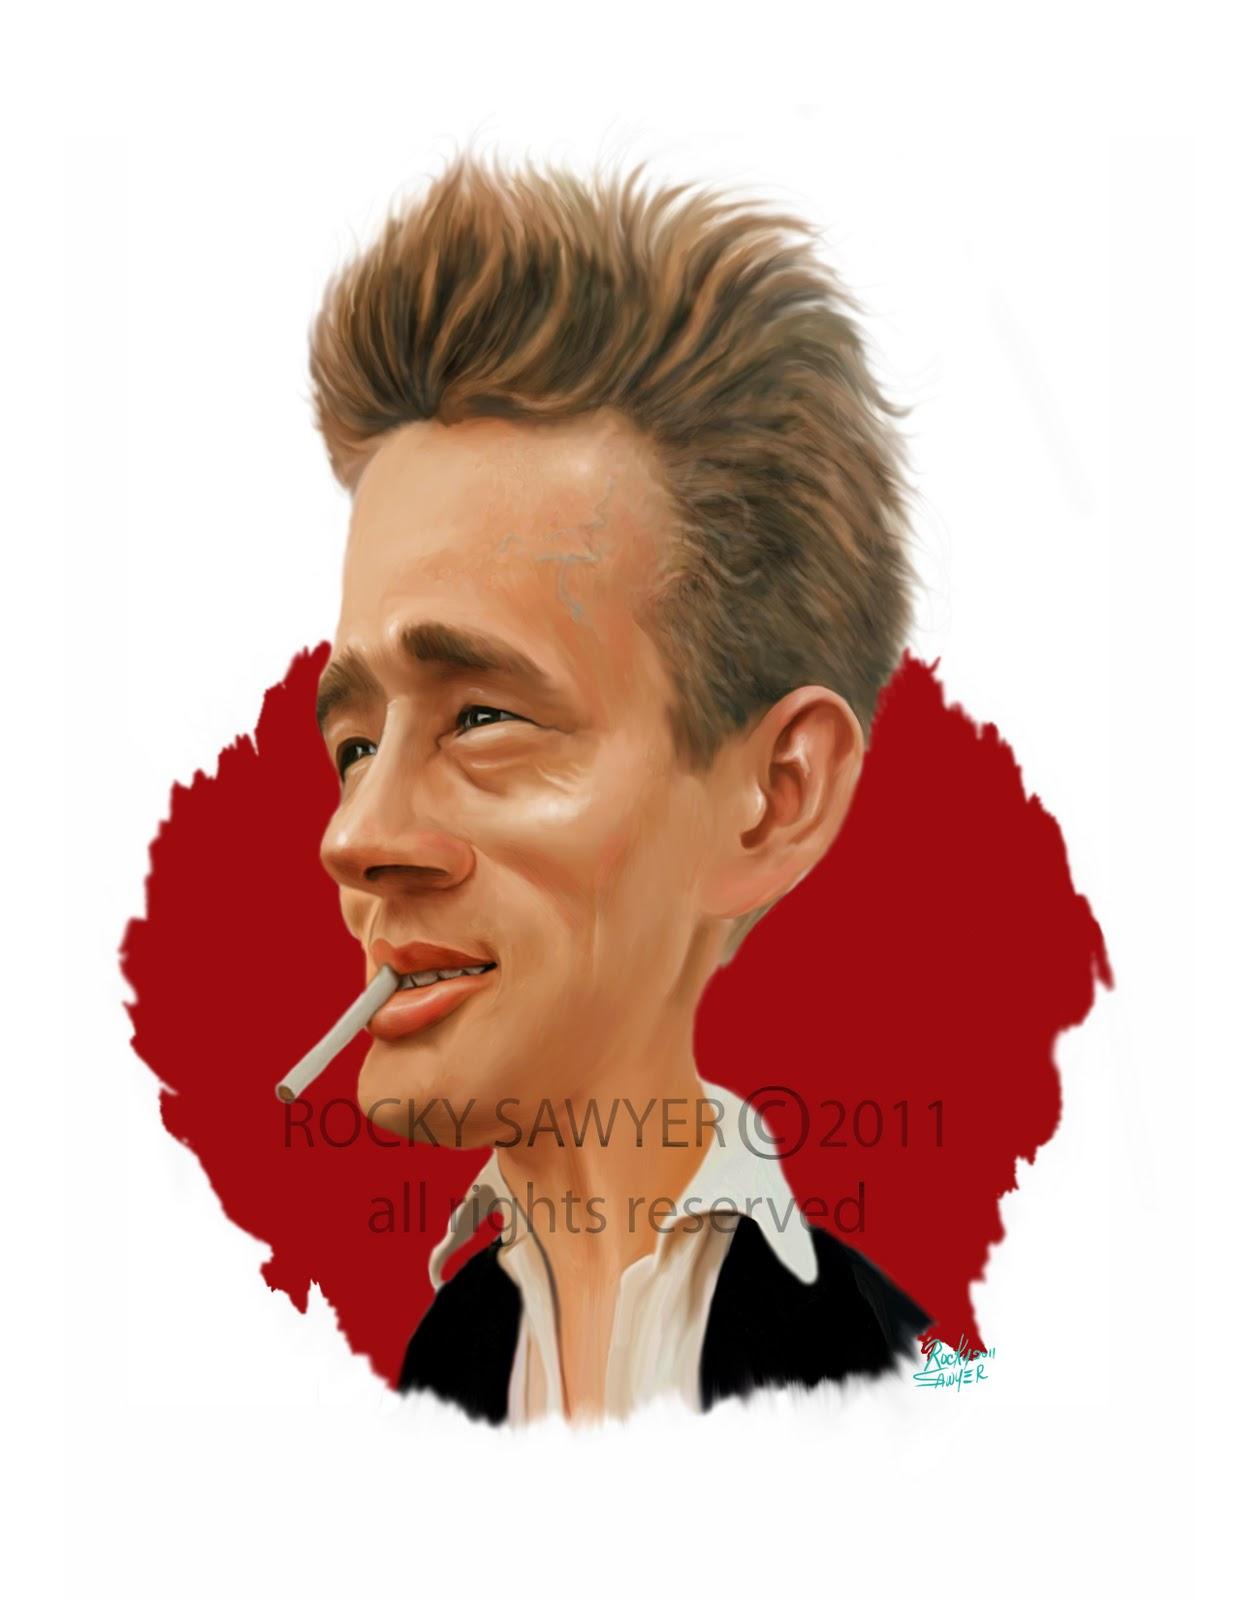 http://1.bp.blogspot.com/-oXo6PXxuMFs/TutHnPZCmVI/AAAAAAAAA1A/vdU30UF9uQ0/s1600/dean3+copyright.jpg